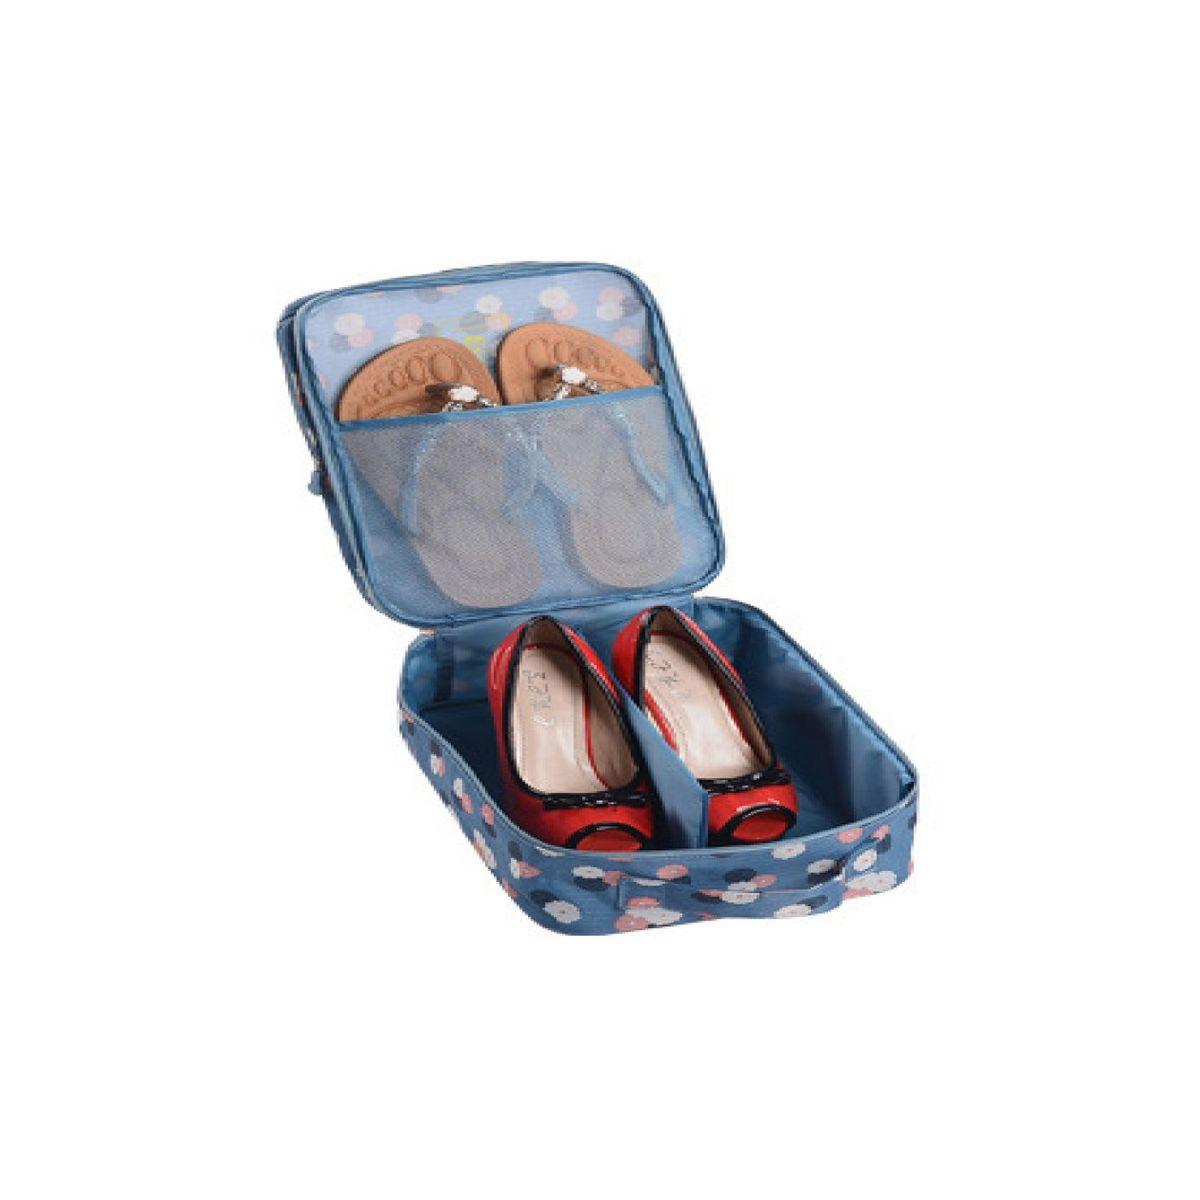 Органайзер для обуви Homsu Цветок, цвет: синий, белый, розовый, 32 x 20 x 13 смHOM-409Органайзер для обуви Homsu Цветок изготовлен из 100% полиэстера. Экономичная замена пластиковым пакетам и громоздким коробкам. Органайзер закрывается на молнию. Имеется ручка для удобной переноски. Внутри органайзер разделен на 2 отделения для обуви с дополнительным сетчатым кармашком. Очень компактный и очень удобный, такой органайзер поможет вам хранить обувь в чистоте и порядке. Размер: 32 х 20 х 13 см.